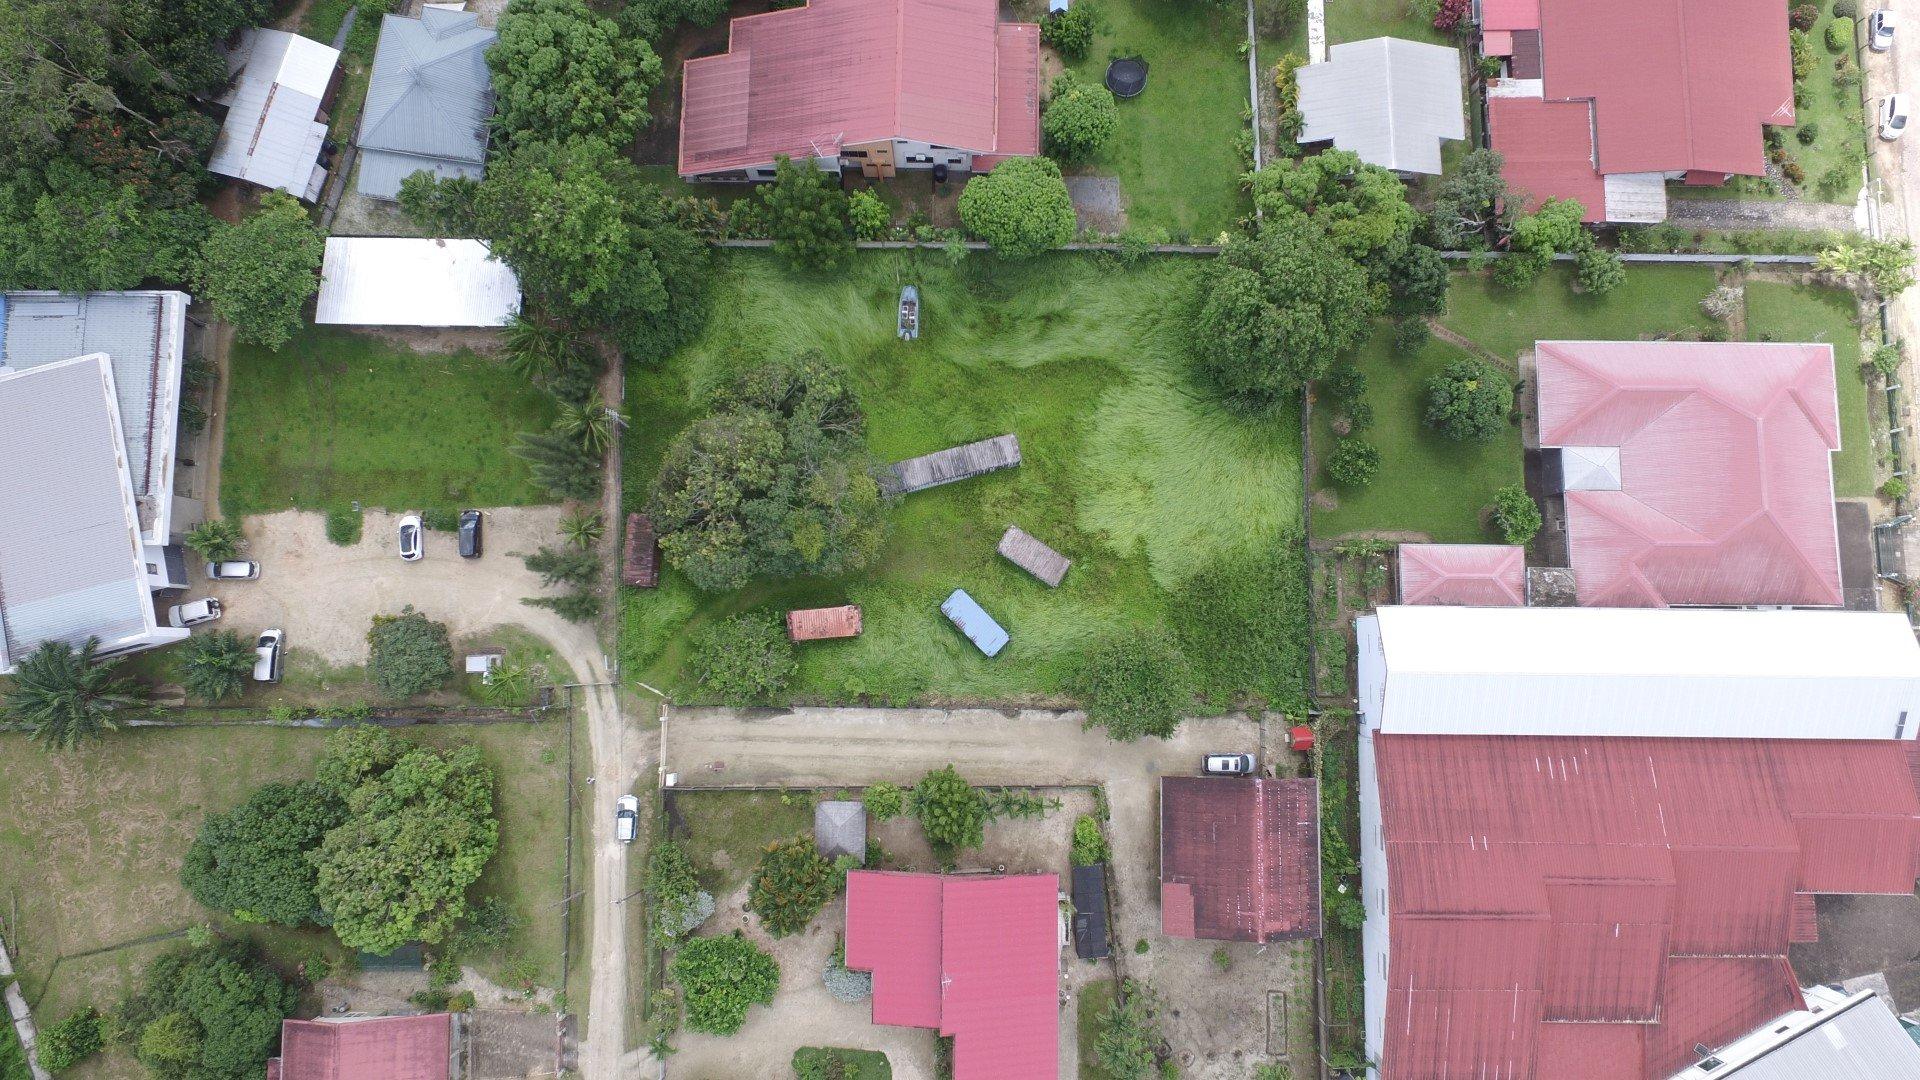 Hendrykus Loorweg 3 - Een buitenkans voor degene die in het druk bevolkte Uitvlugt een zeldzaam groot terrein willen voor het bouwen van een droomwoning. - Surgoed Makelaardij NV - Paramaribo, Suriname